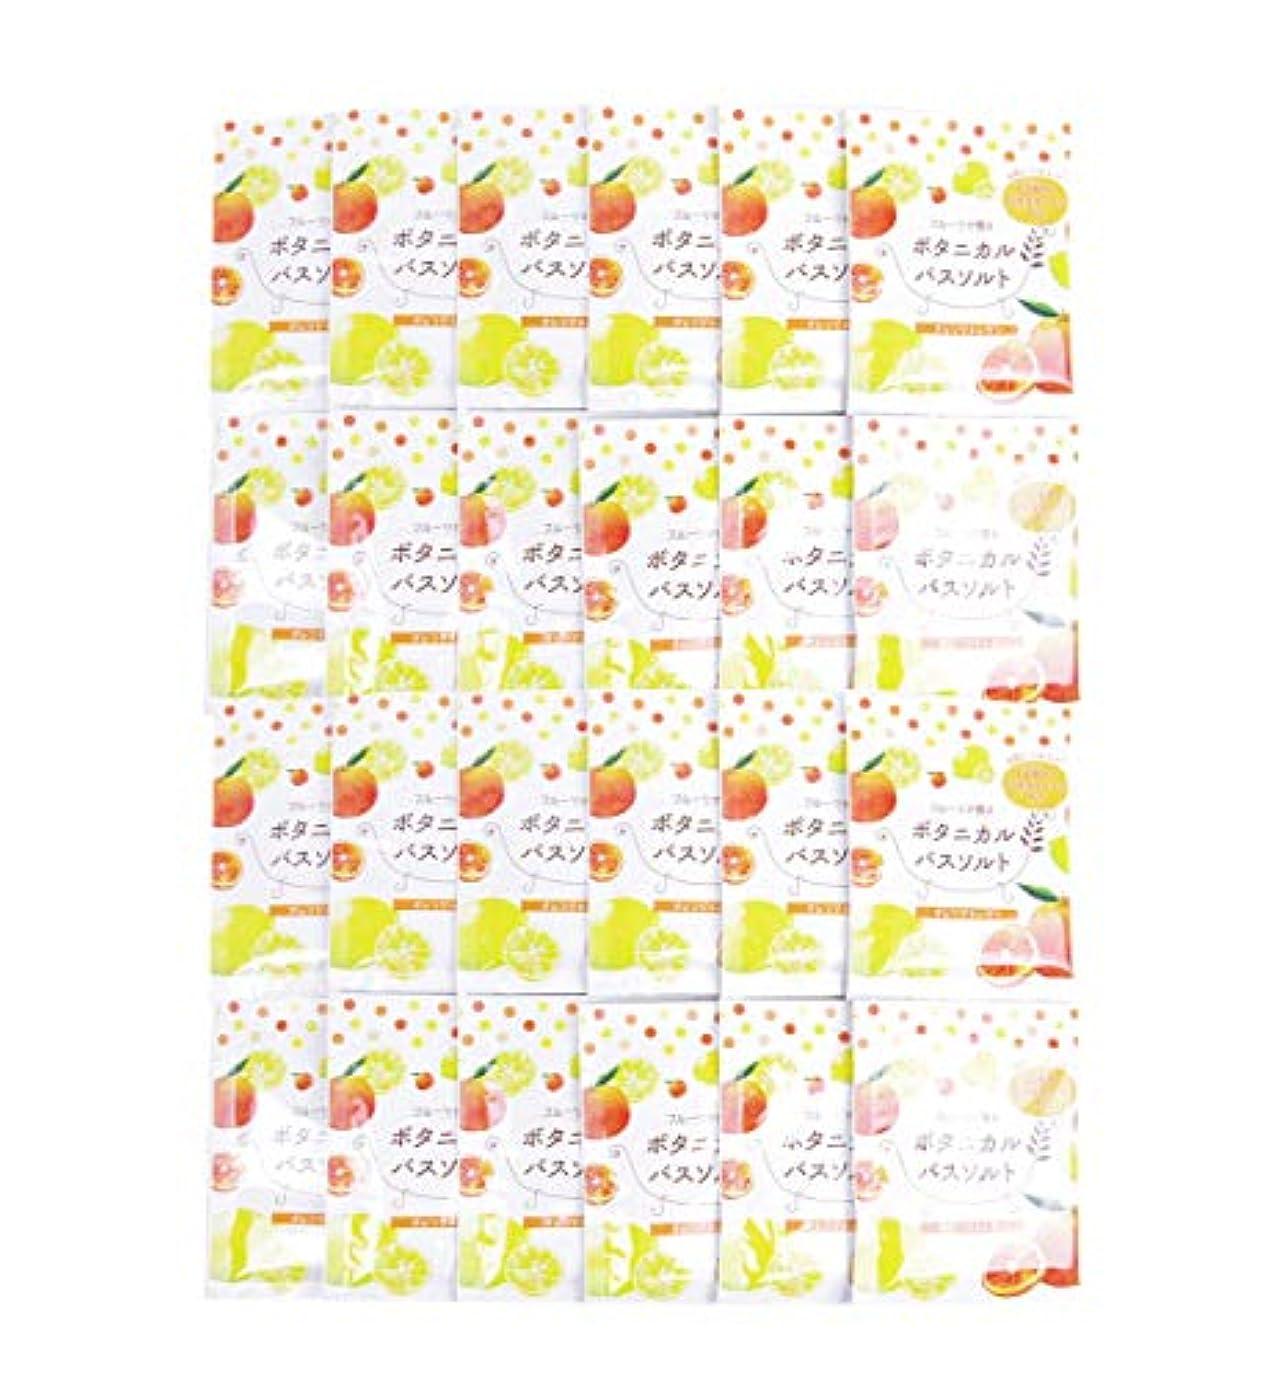 キャラクター天窓クリア松田医薬品 フルーツが香るボタニカルバスソルト オレンジ&レモン 30g 24個セット